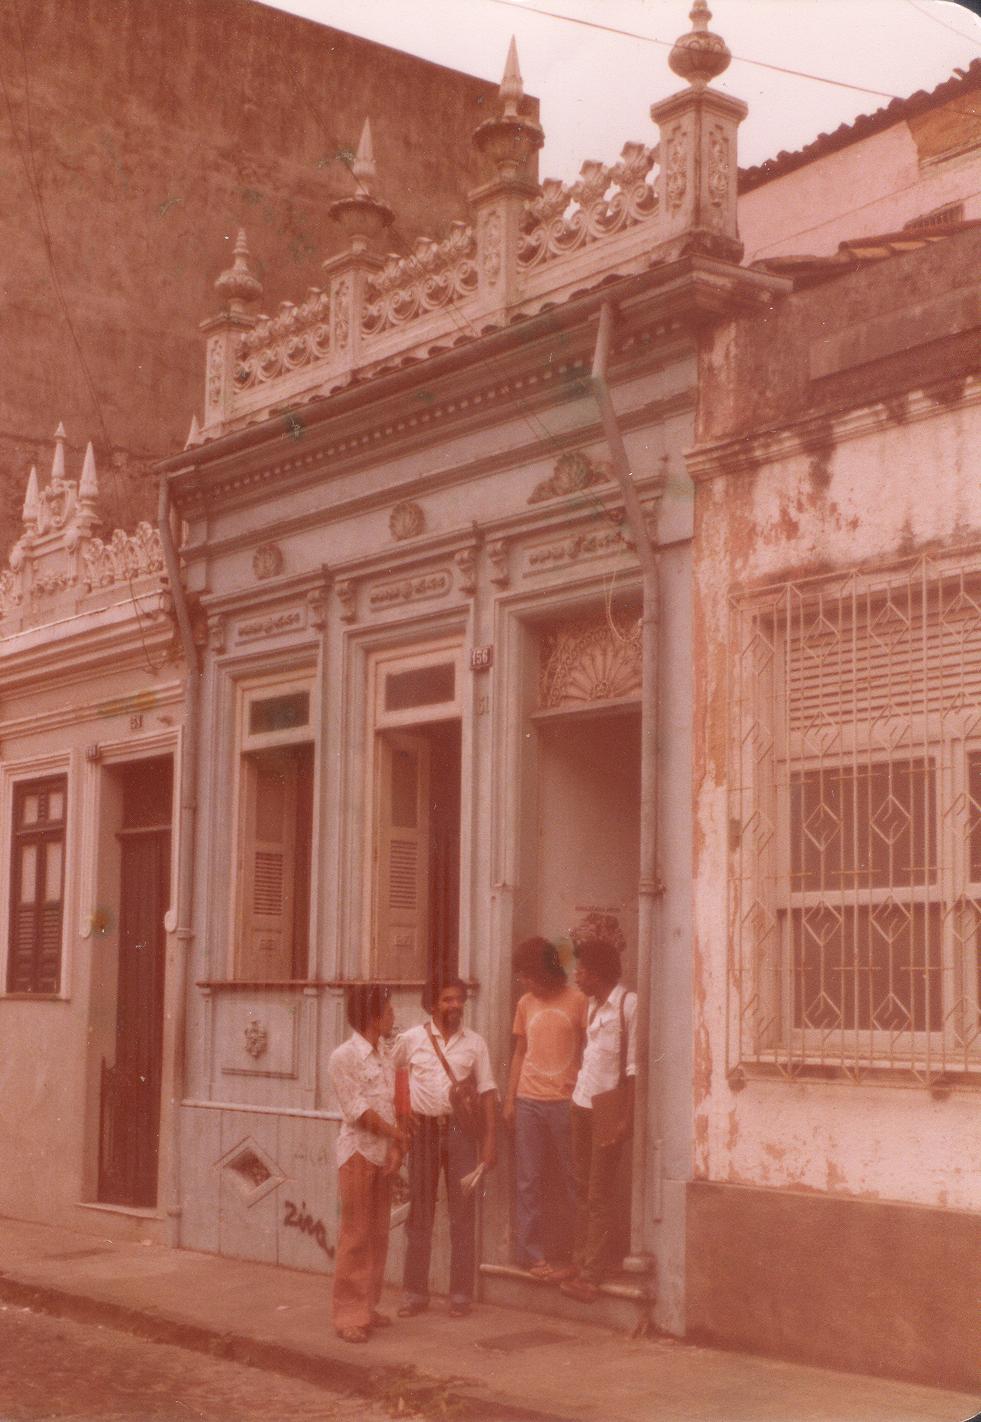 Casa da madrinha de Tomaz, Dora, onde ele residiu em Salvador em 1959. Arquivo pessoal